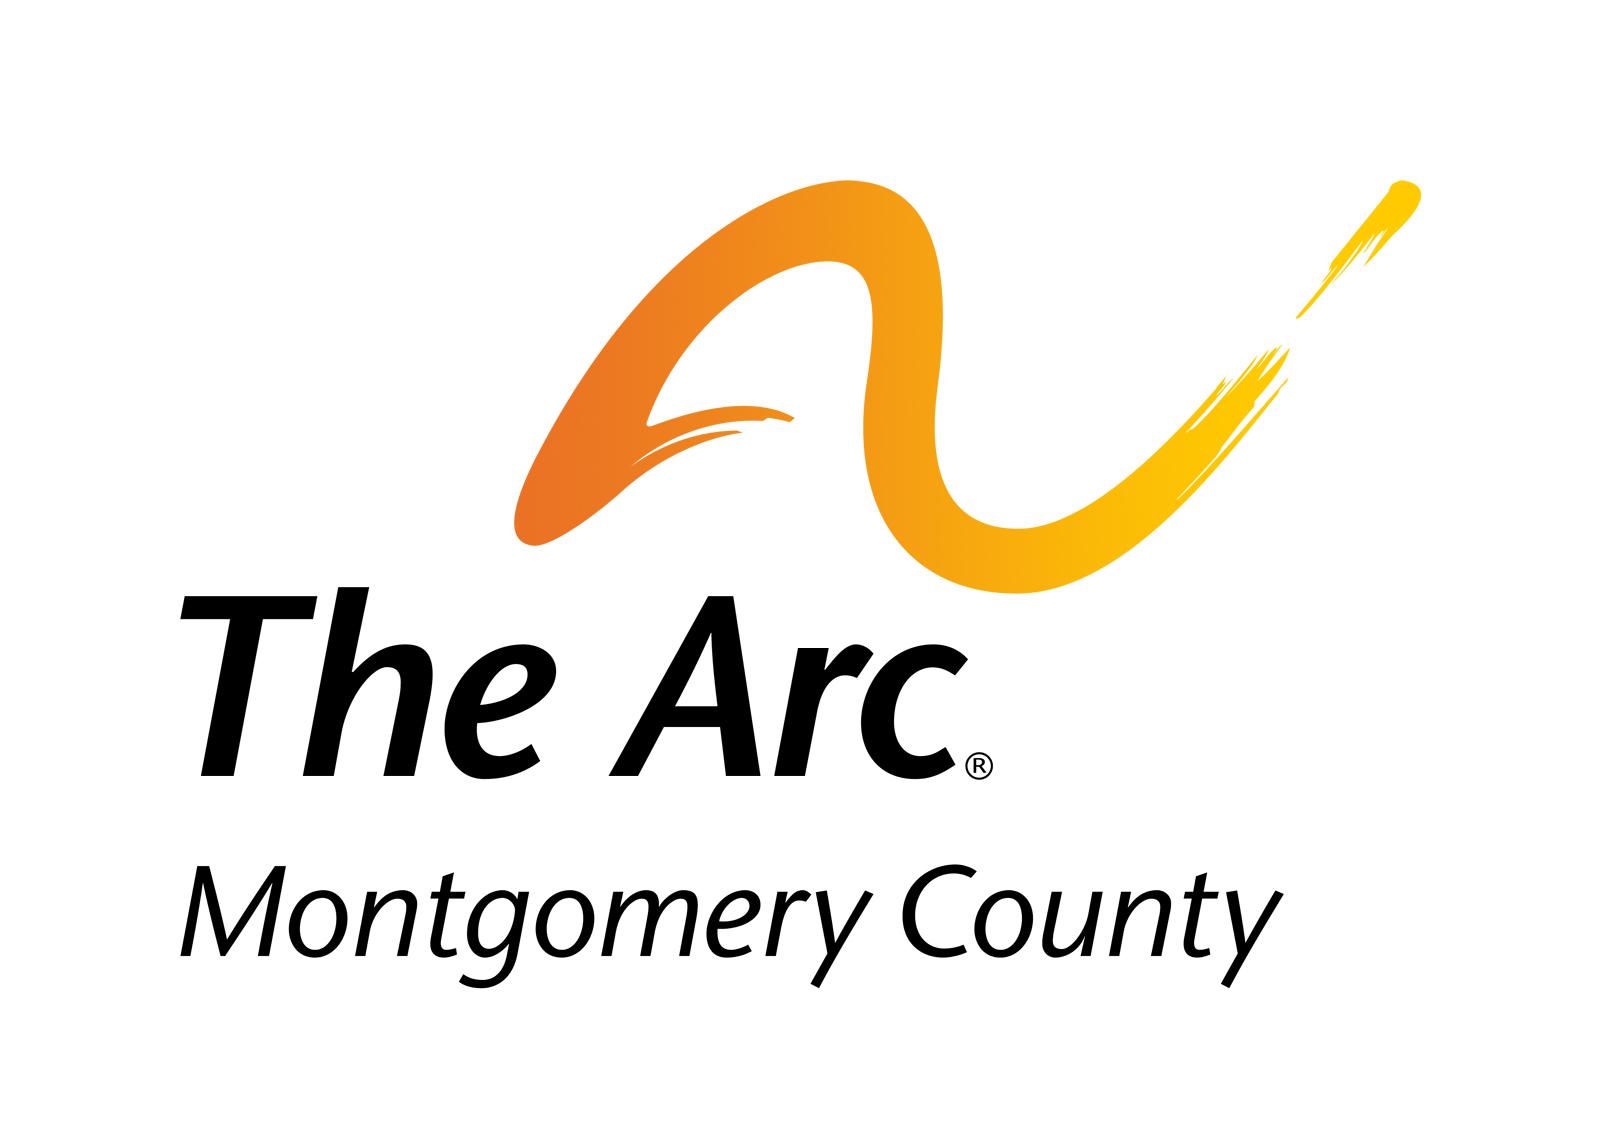 The Arc Montgomery